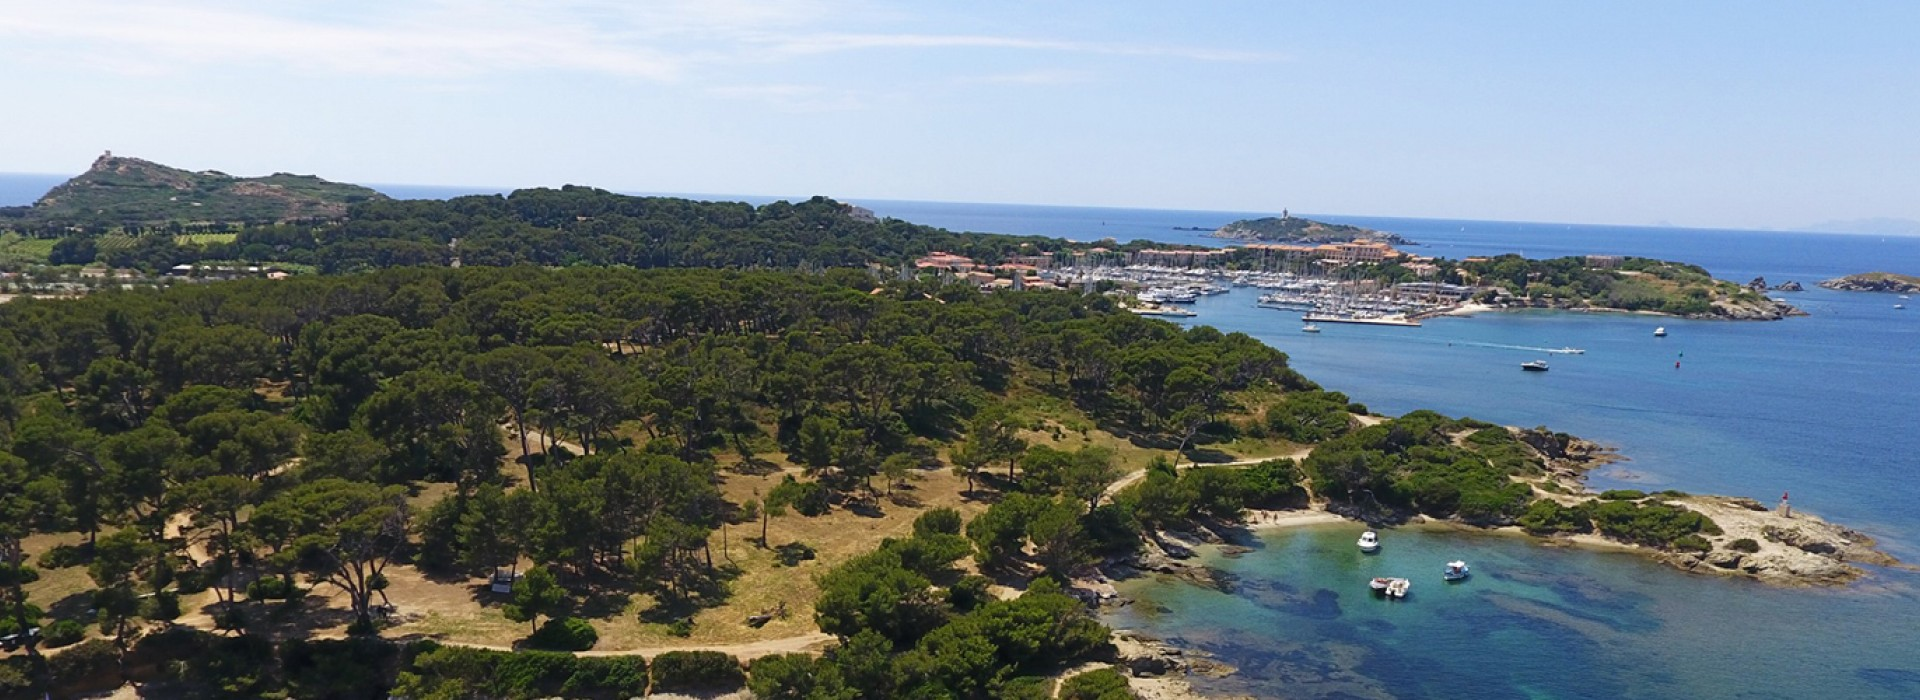 Terre de paradis à 12 minutes en bateau du charmant port du Brusc, l'île des Embiez est accessible toute l'année !